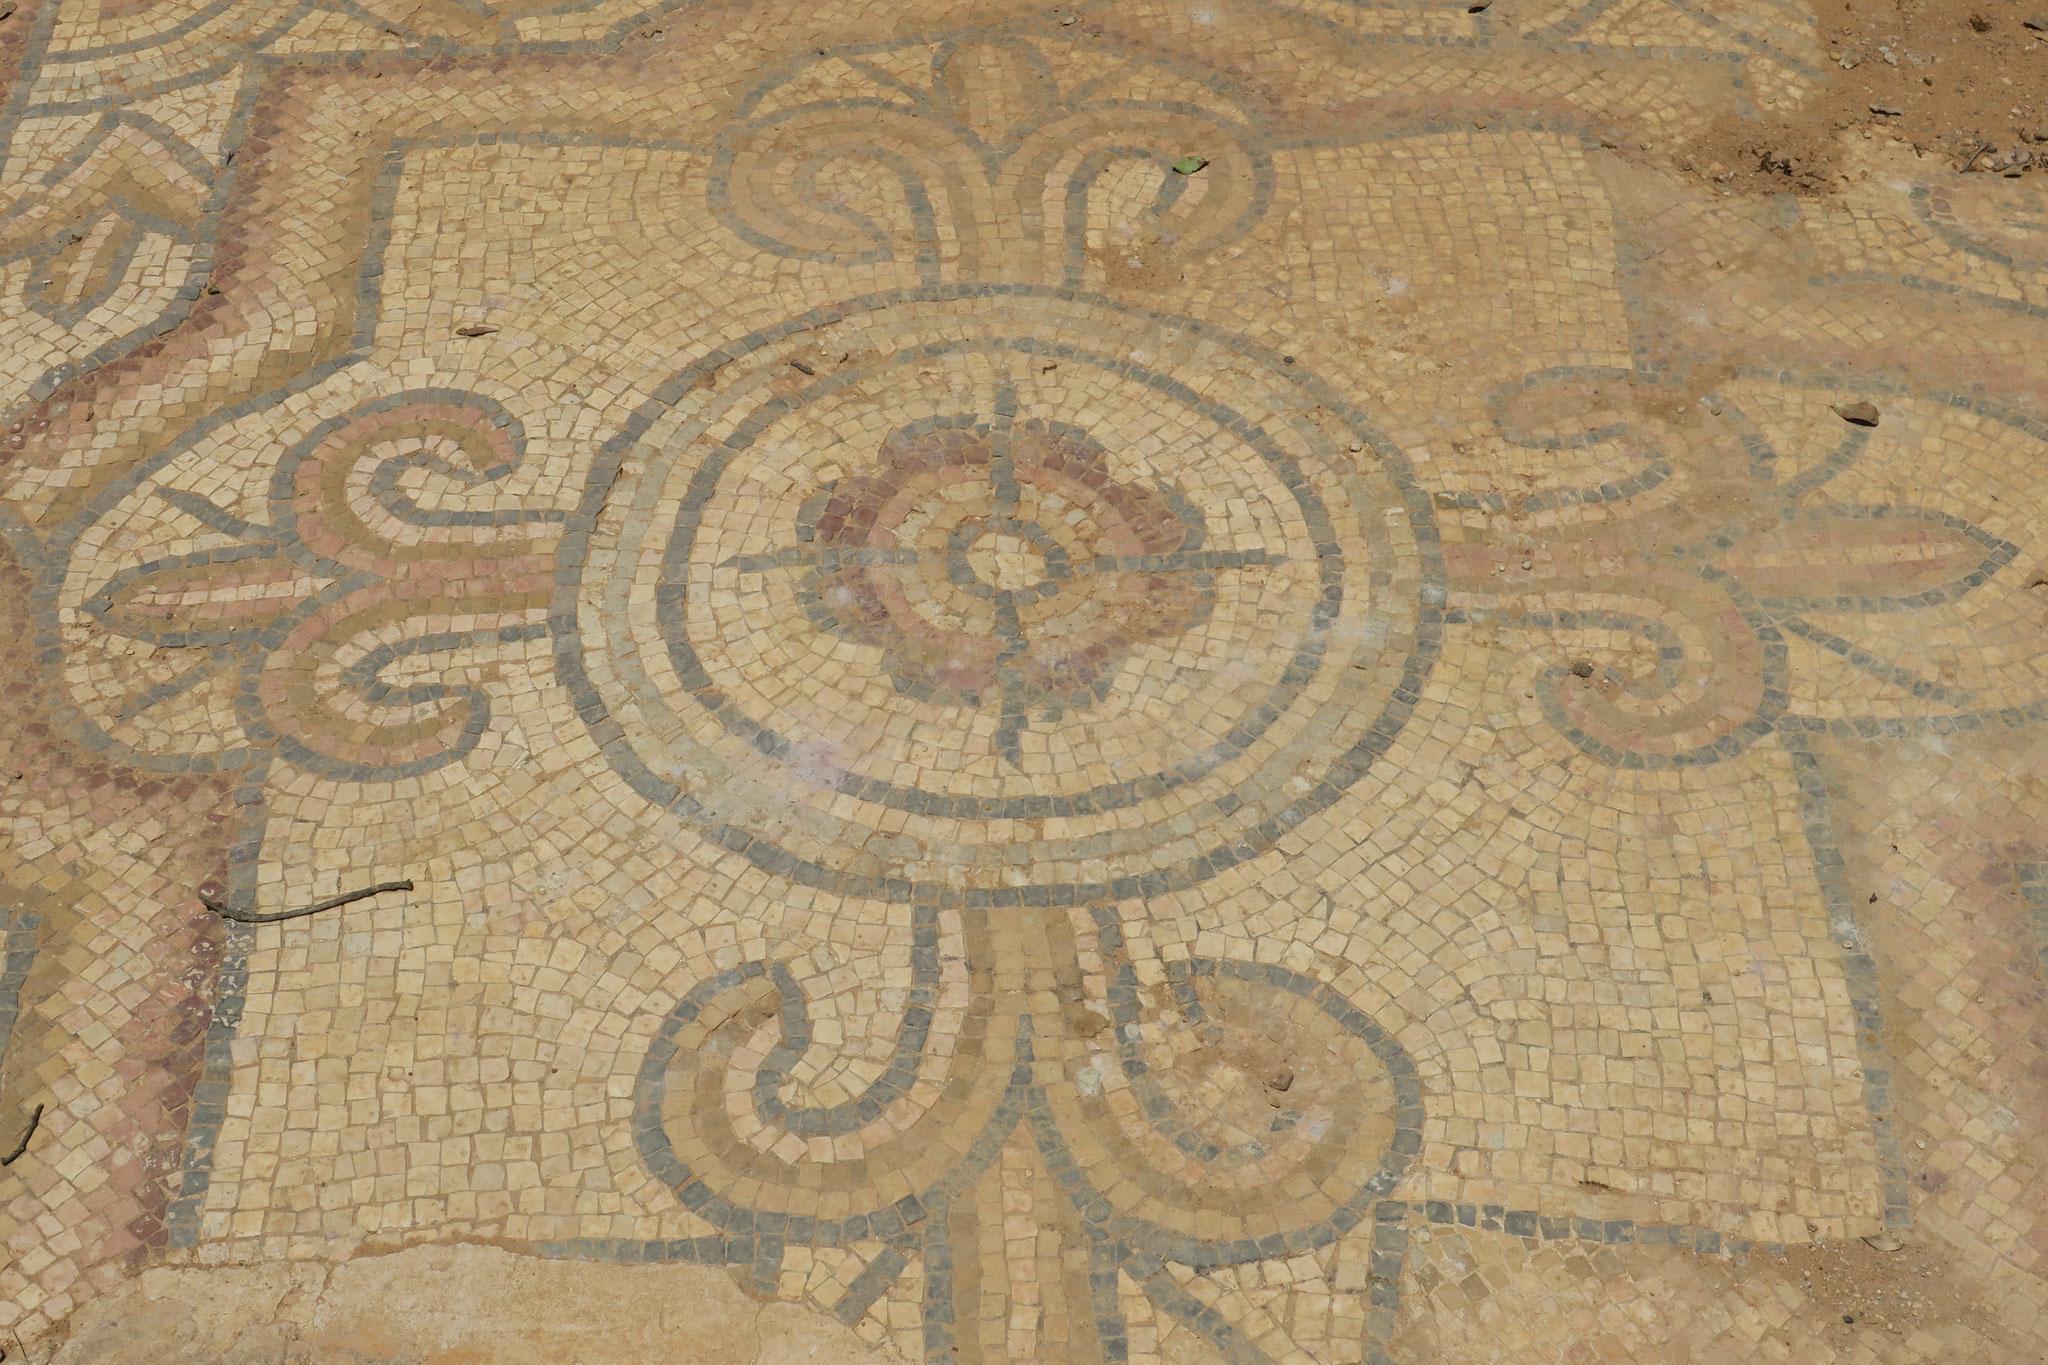 Jordanien ist berühmt für die eindrucksvollen Steinmosaike.